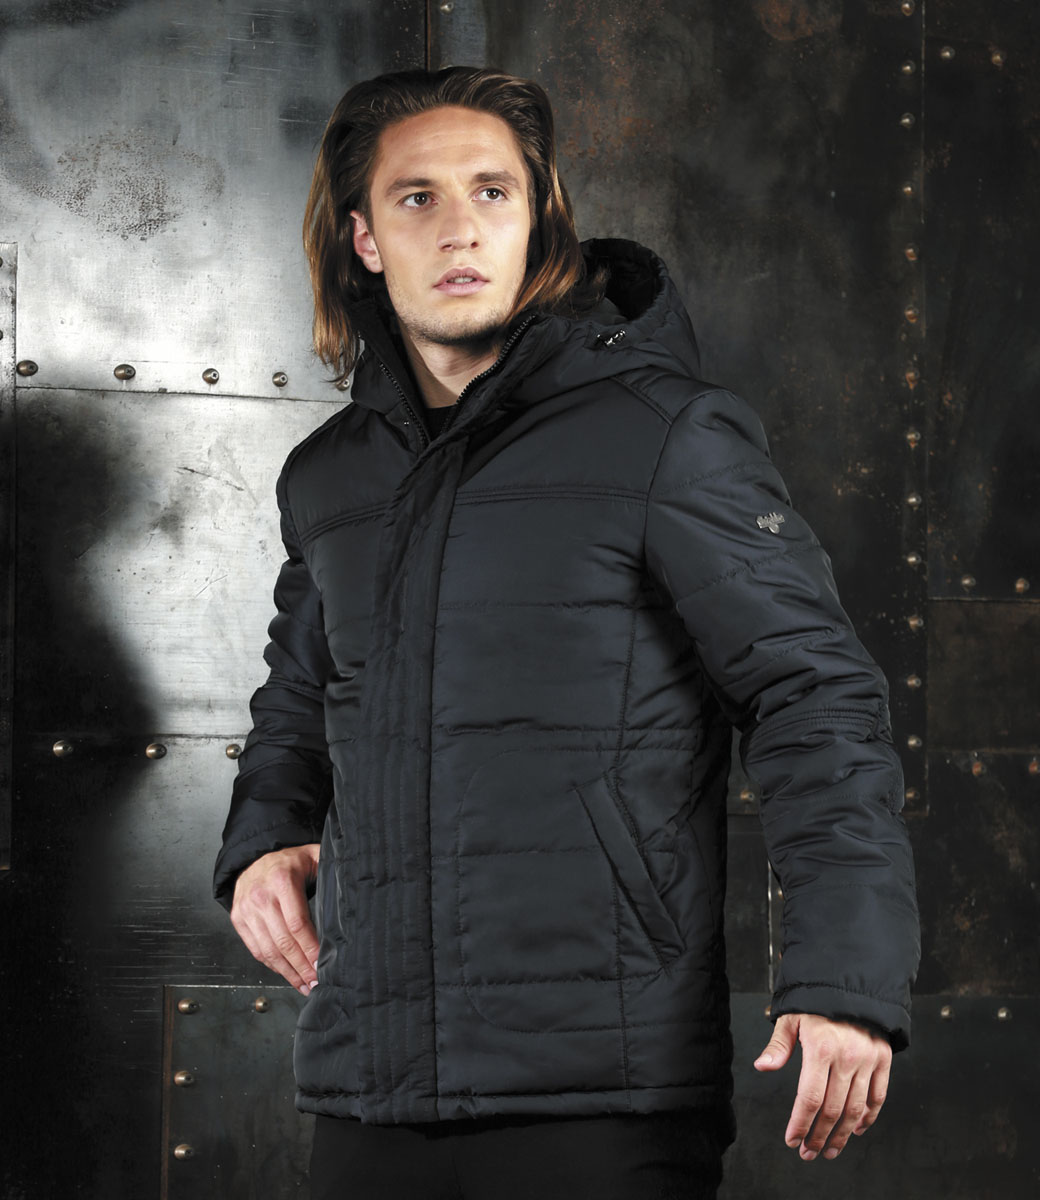 Куртка мужская Grishko, цвет: черный. AL-2977. Размер 48AL-2977Мужская куртка Grishko, выполненная из полиэстера, придаст образу безупречный стиль. Подкладка изготовлена из гладкого и приятного на ощупь материала. В качестве утеплителя используется холлофайбер, который отлично сохраняет тепло.Куртка прямого кроя с ассиметричной линией низа и несъемным капюшоном застегивается на застежку-молнию и ветрозащитную планку на кнопках. С внутренней стороны также расположена ветрозащитная планка. Край капюшона дополнен шнурком-кулиской. Рукава дополнены внутренними трикотажными манжетами. Спереди расположено два прорезных кармана на кнопках, с внутренней стороны - накладной карман с клапаном на кнопке и втачной карман на кнопке. Изделие оформлено фирменным логотипом.Такая практичная и теплая куртка послужит отличным дополнением к вашему гардеробу!